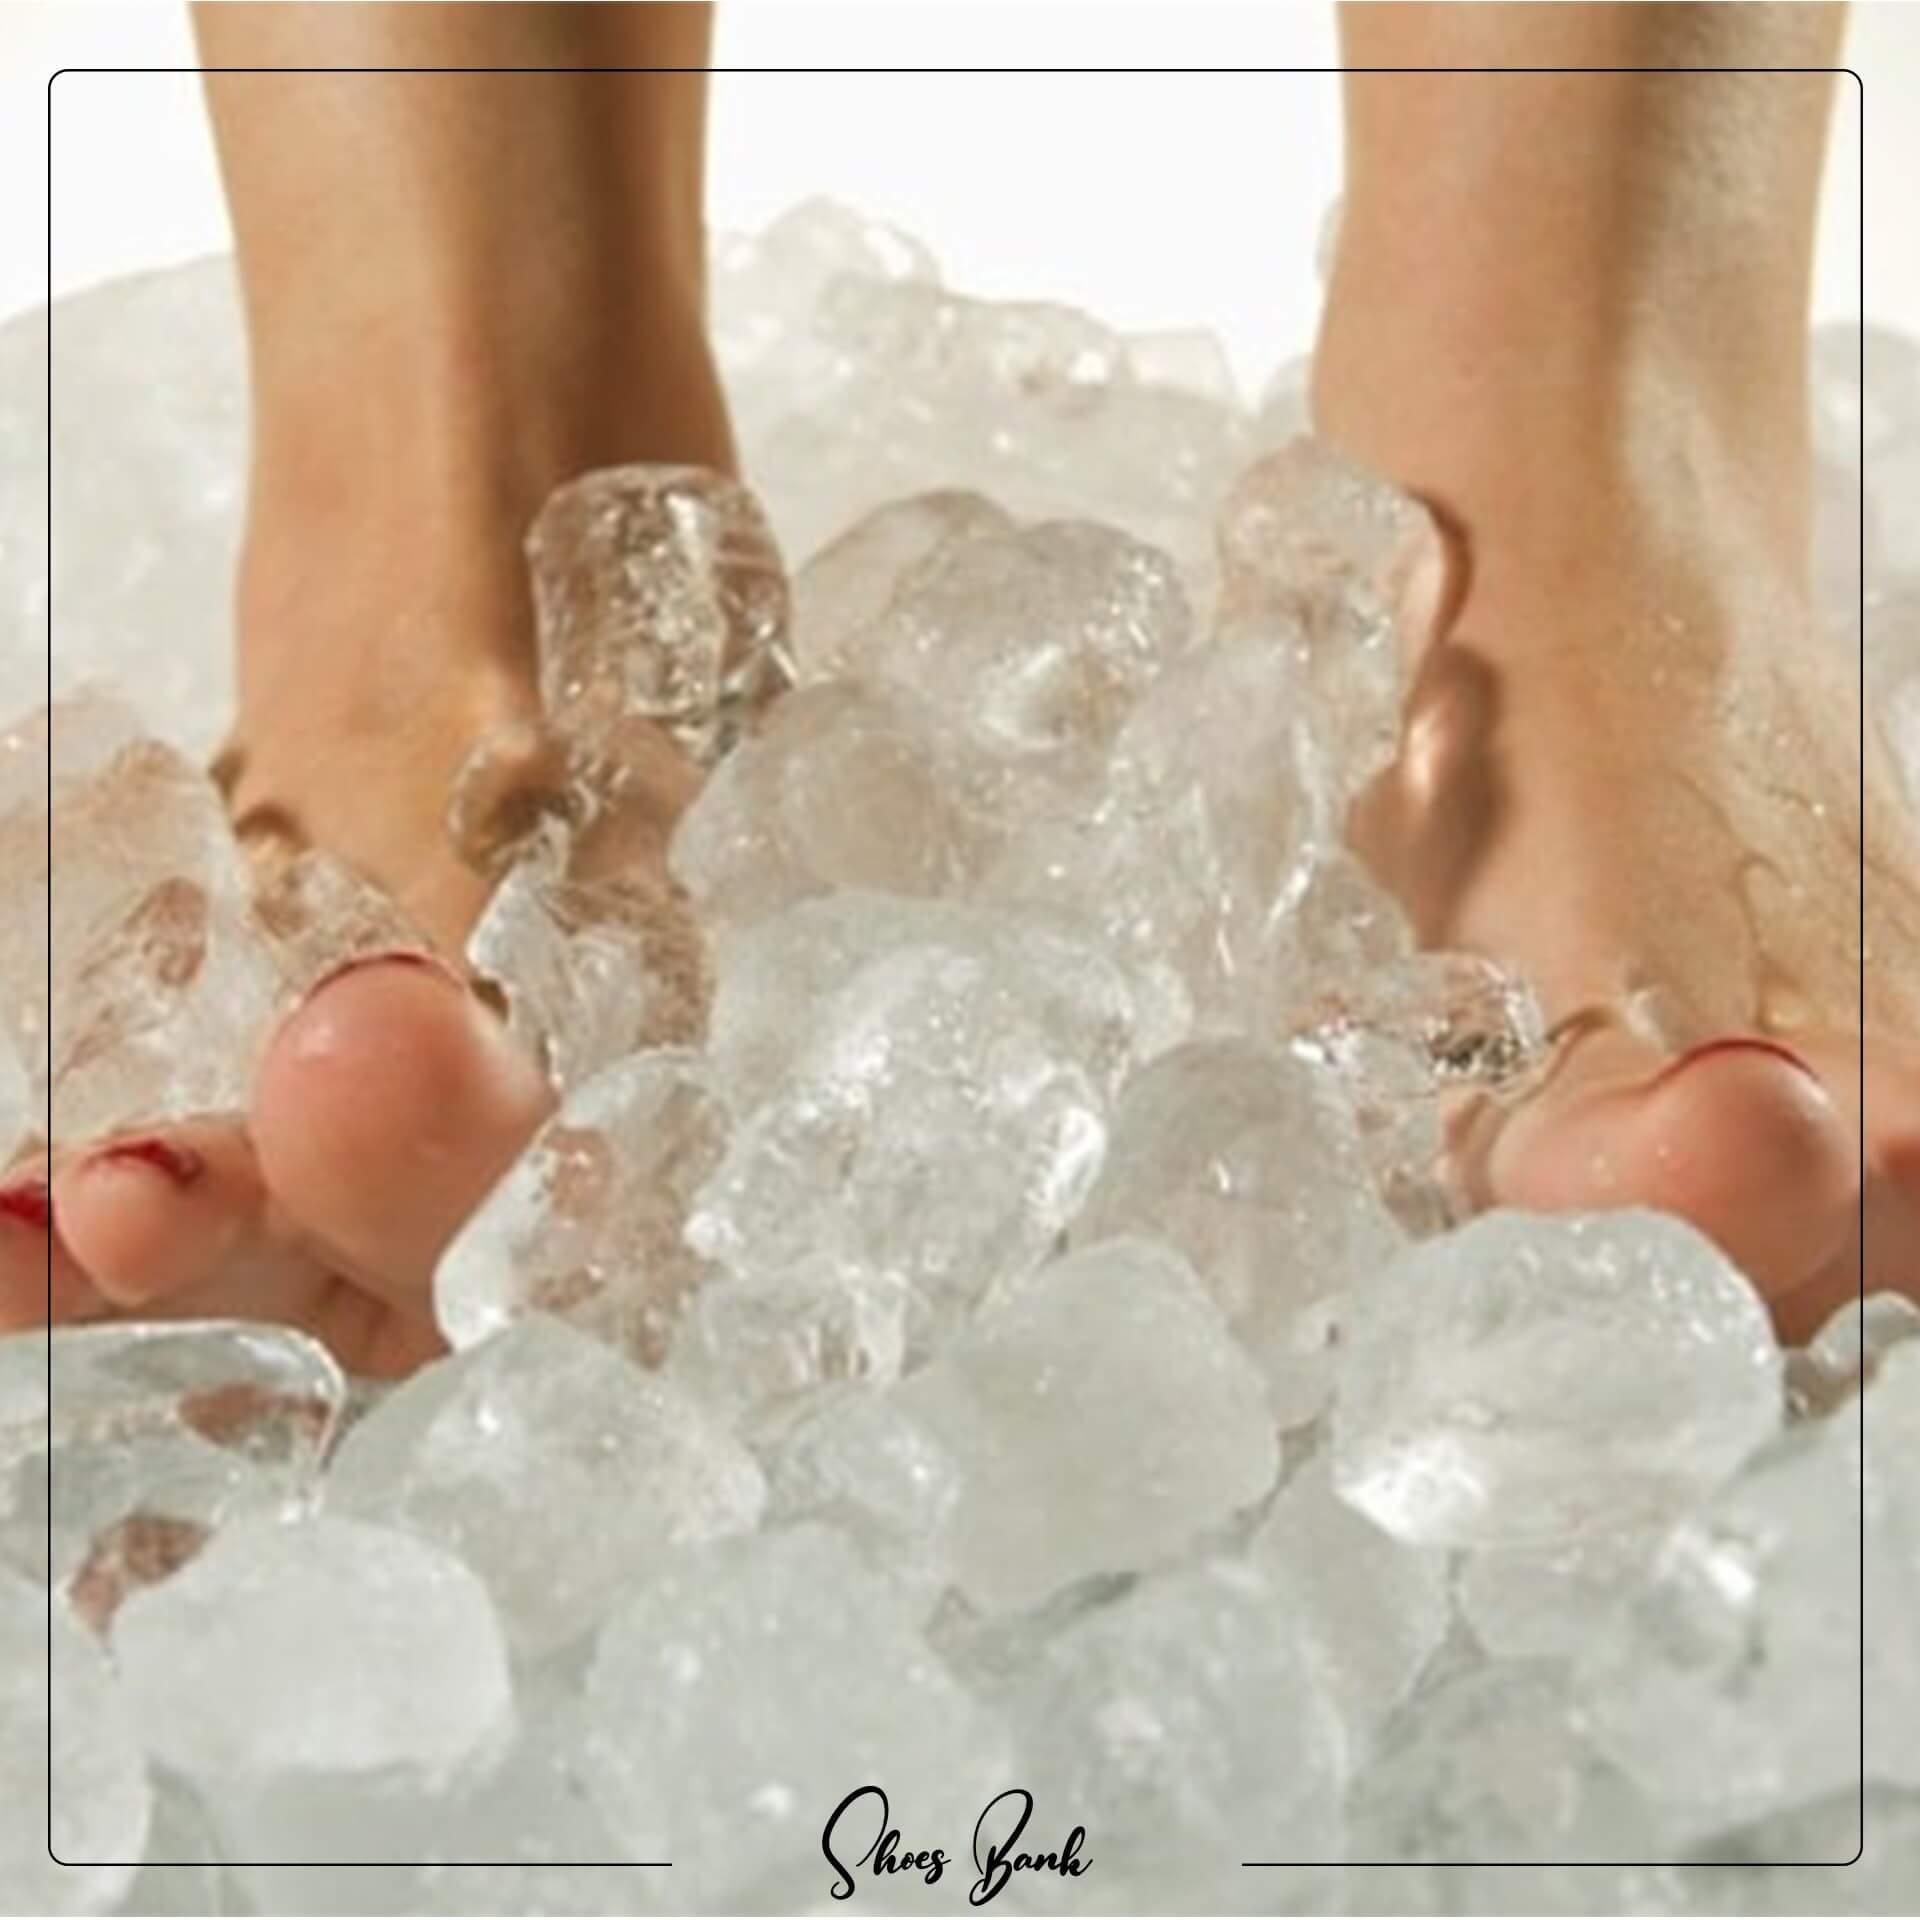 قرار دادن پا در آب سرد